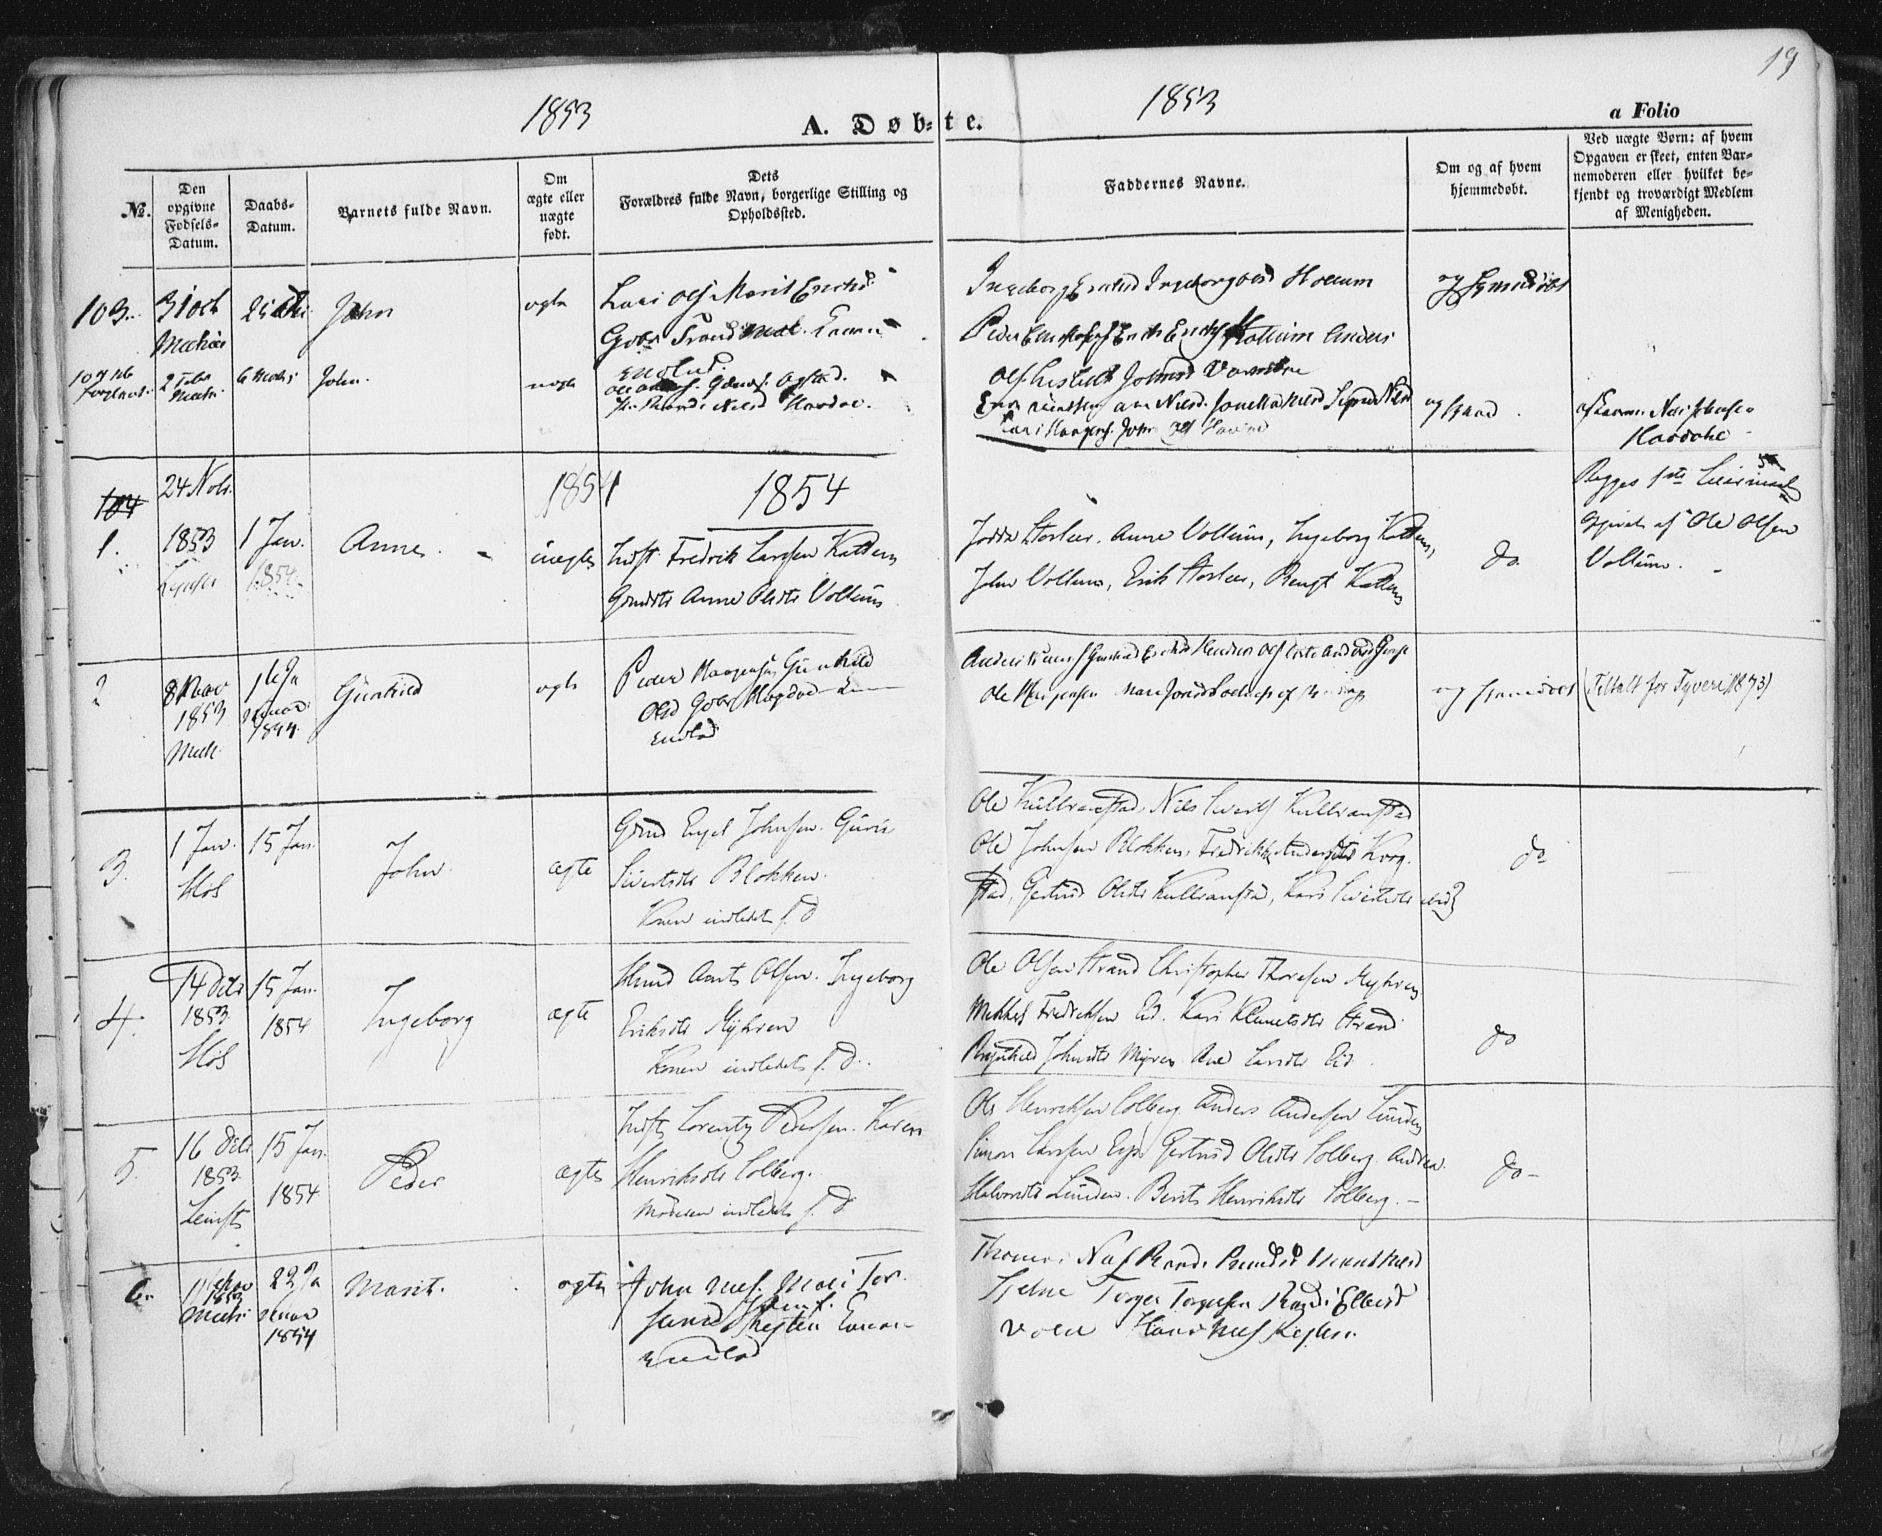 SAT, Ministerialprotokoller, klokkerbøker og fødselsregistre - Sør-Trøndelag, 691/L1076: Ministerialbok nr. 691A08, 1852-1861, s. 19